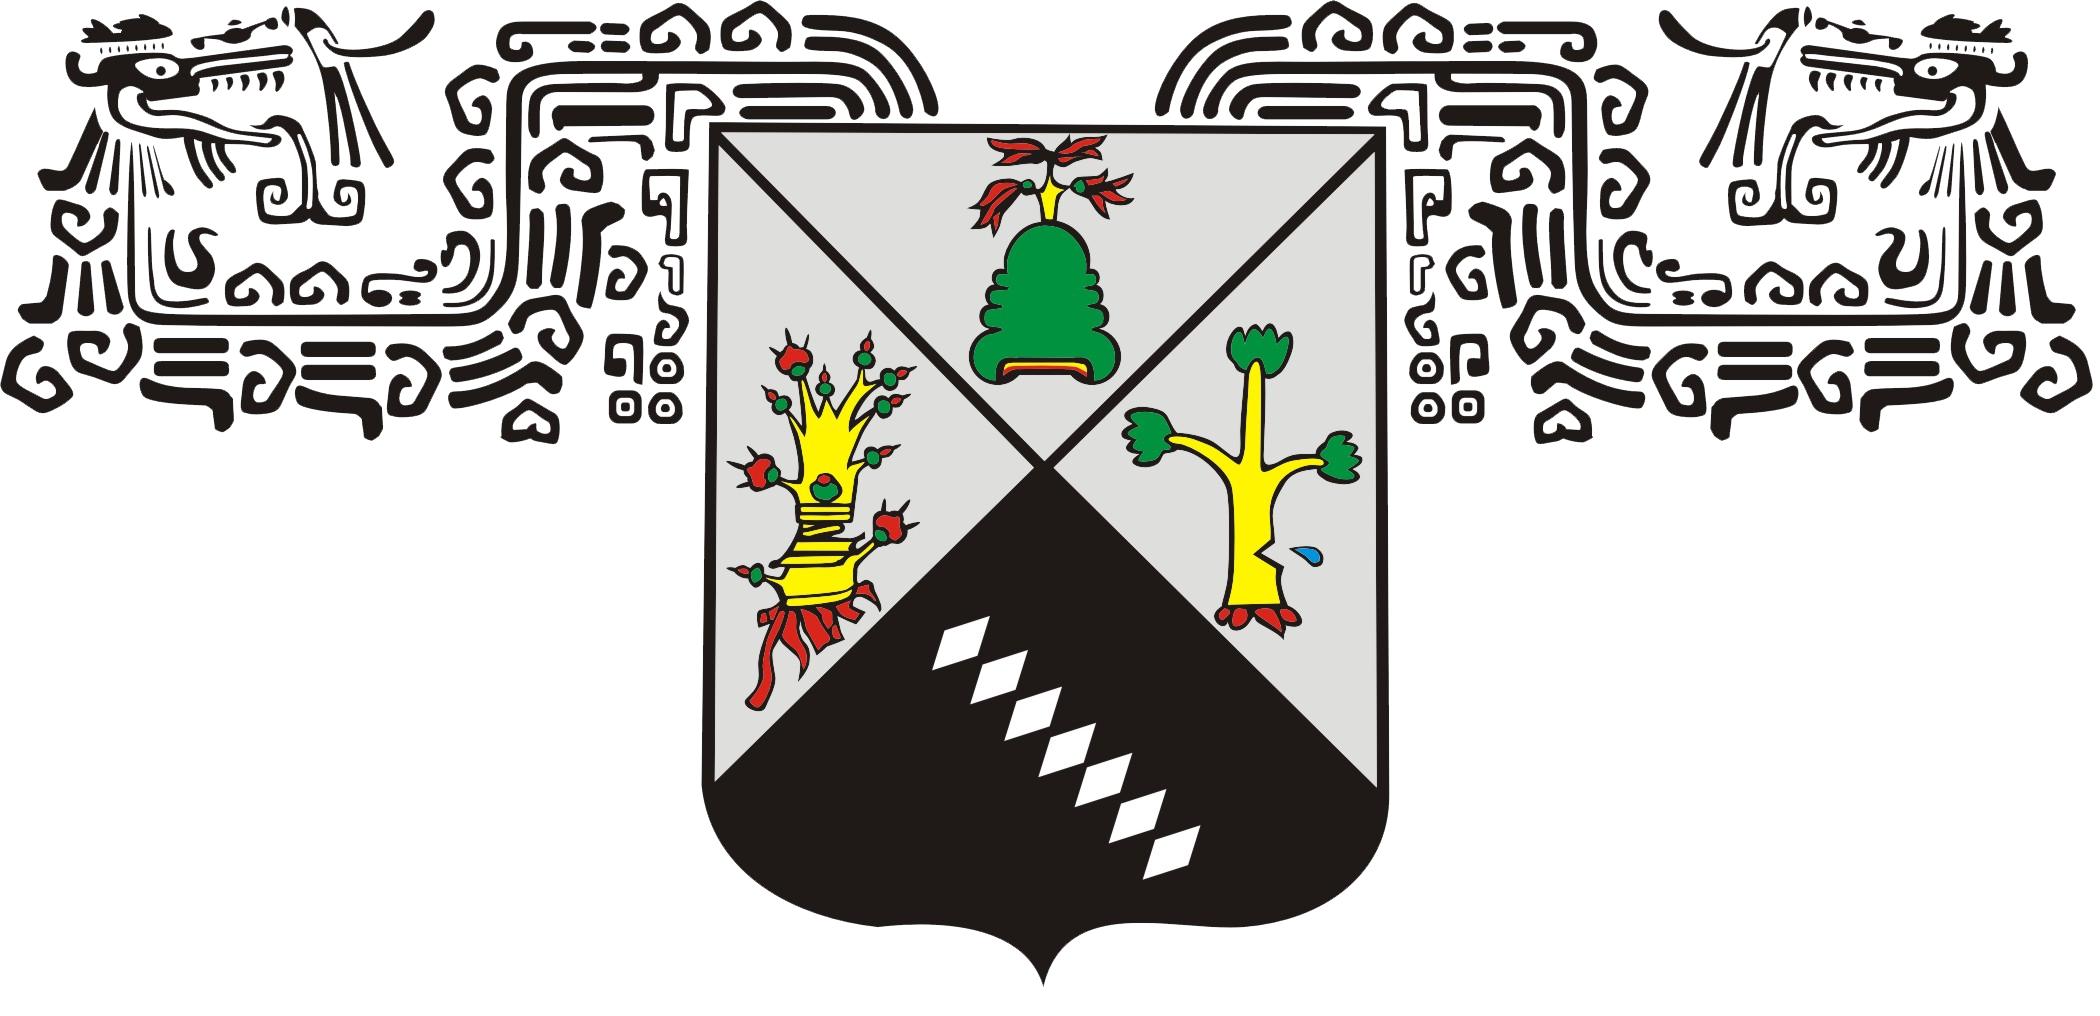 Uaem morelos logo